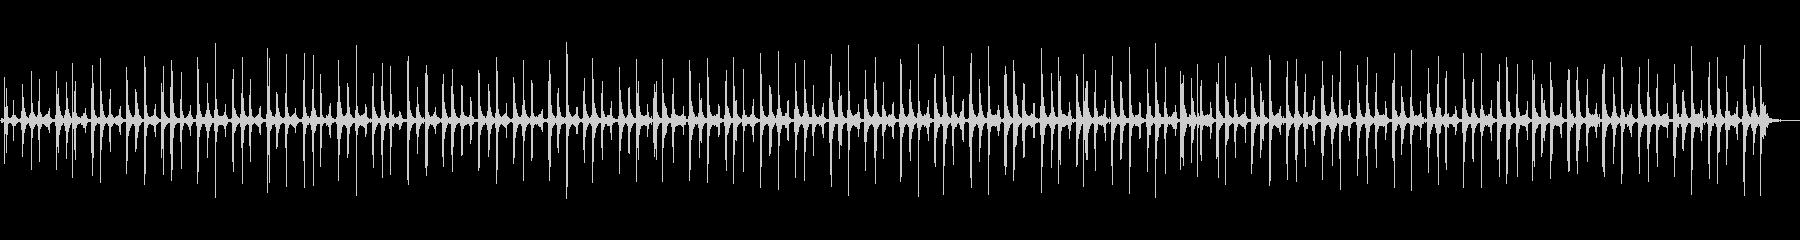 ラテンボルカノパーカッショングロー...の未再生の波形